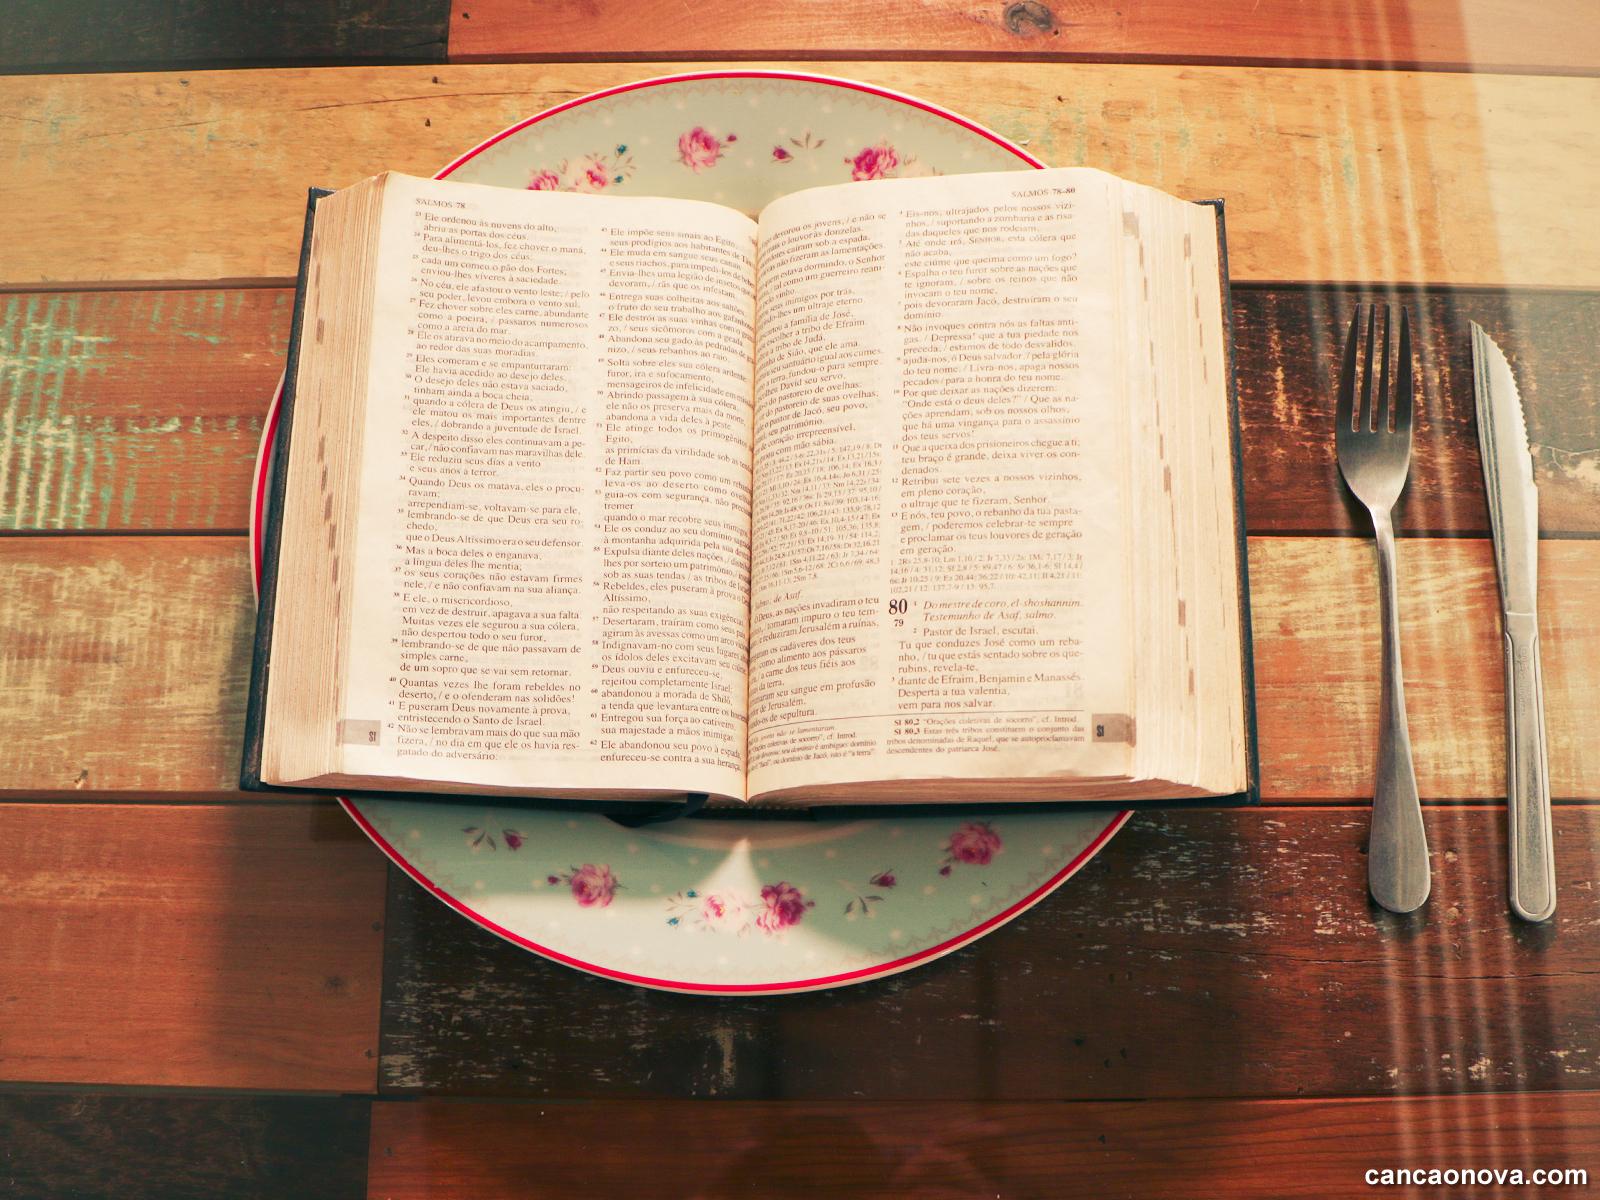 Evangelização self-service, o que isso quer dizer?